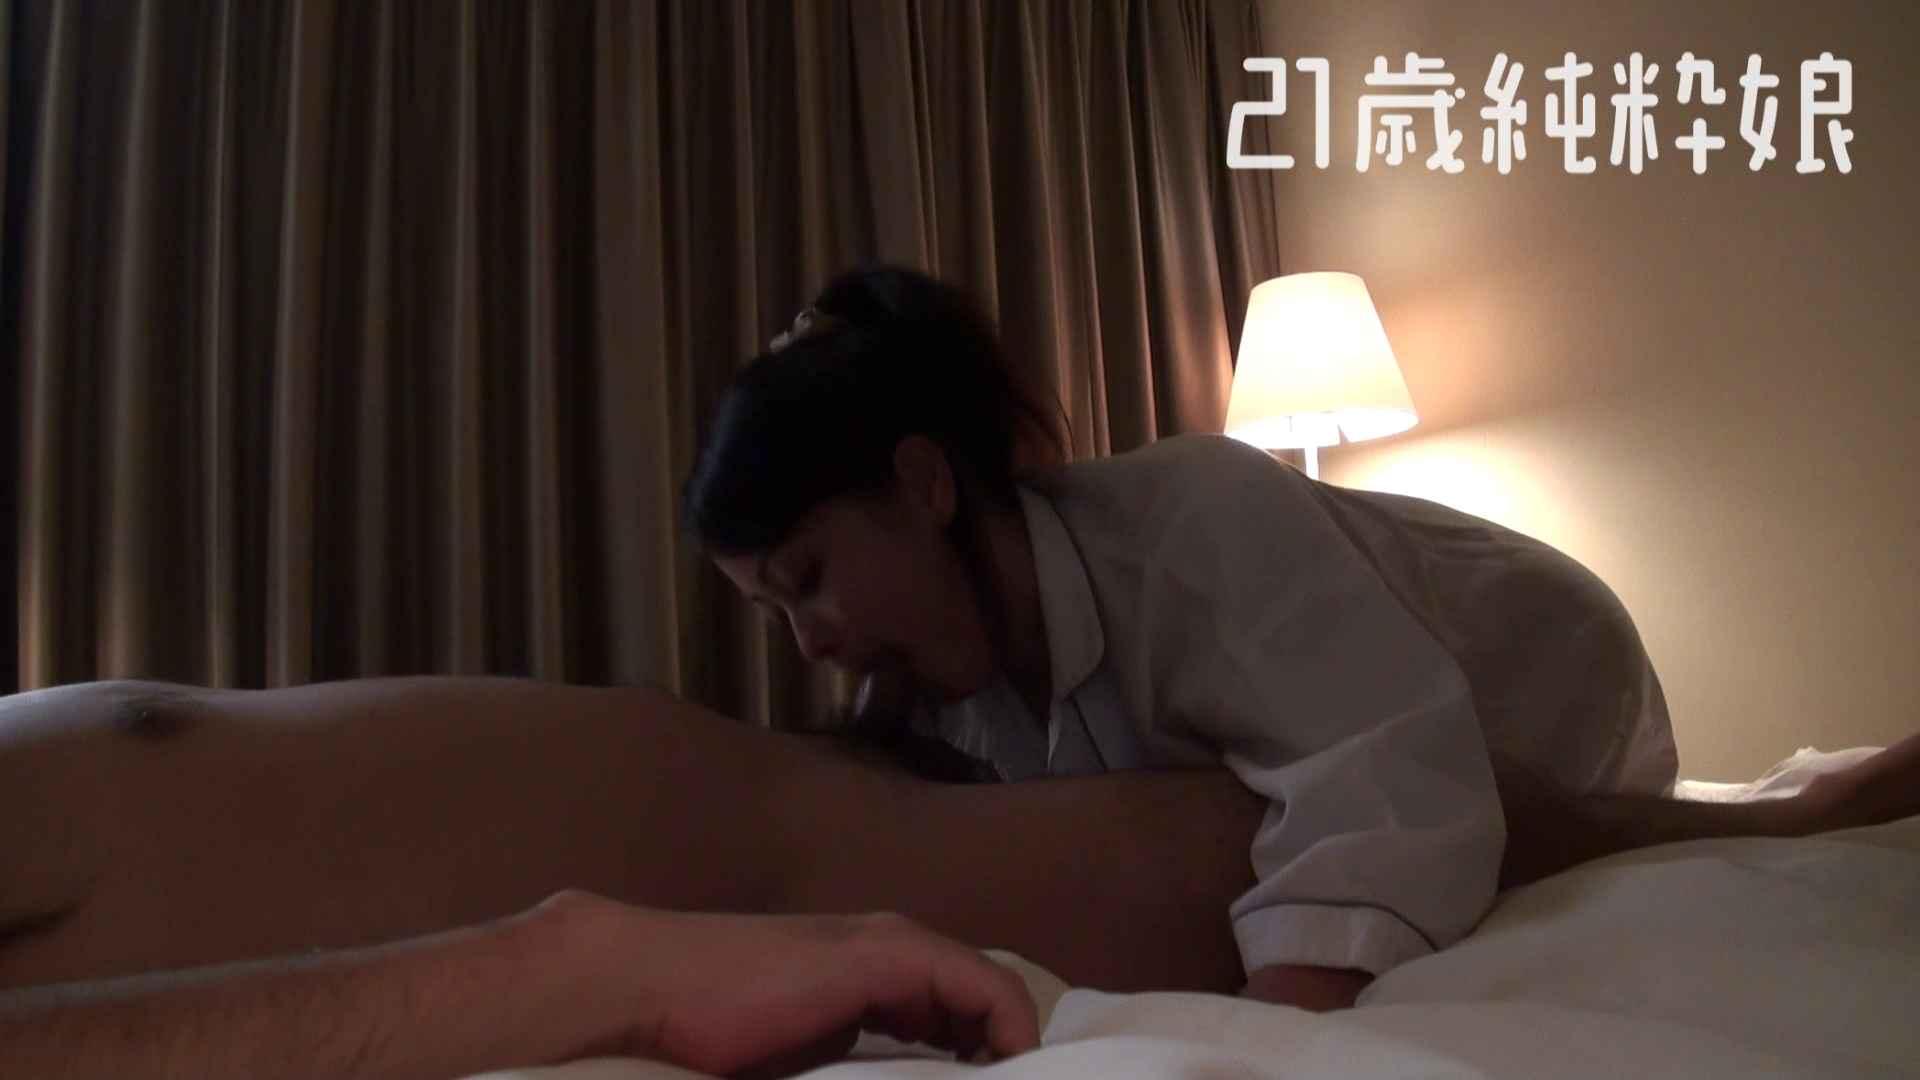 上京したばかりのGカップ21歳純粋嬢を都合の良い女にしてみた2 SEX映像   中出し  70pic 49